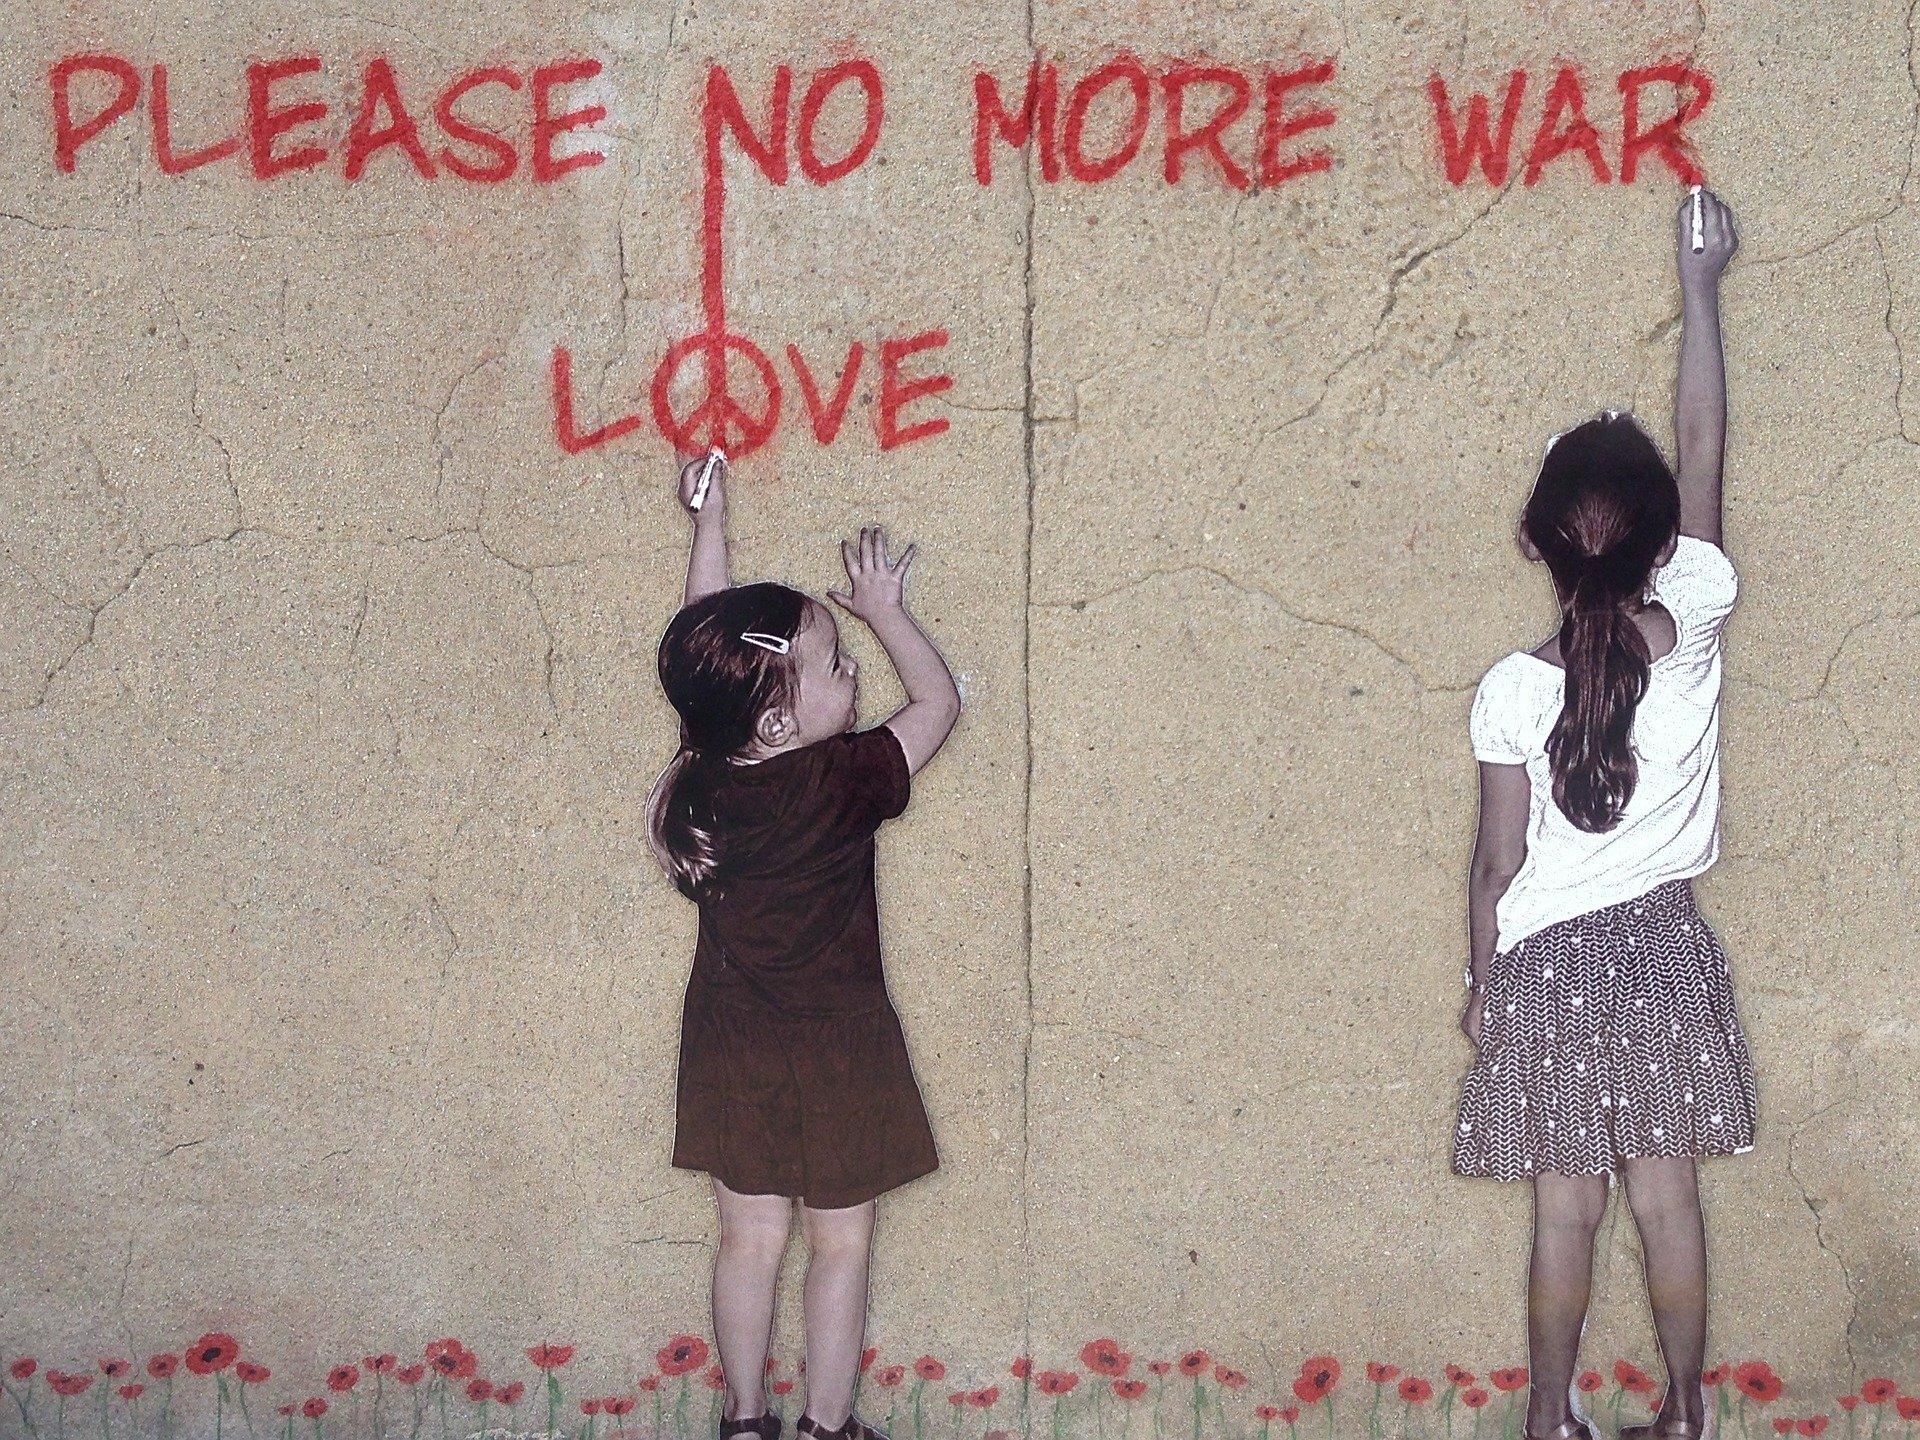 壁に書かれた 平和